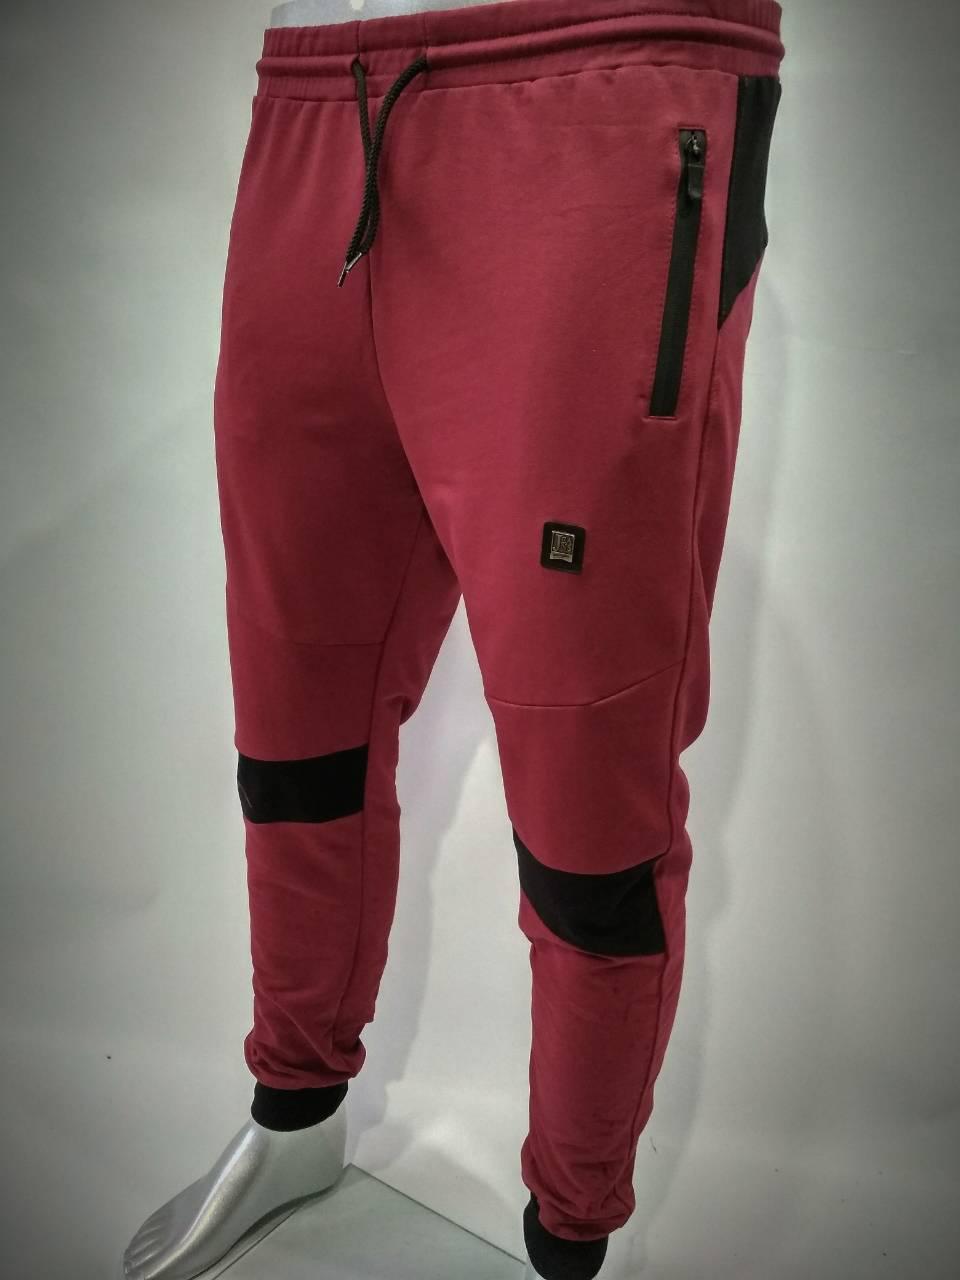 099aff00cac2 Мужские зауженные спортивные штаны весна-осень оптом